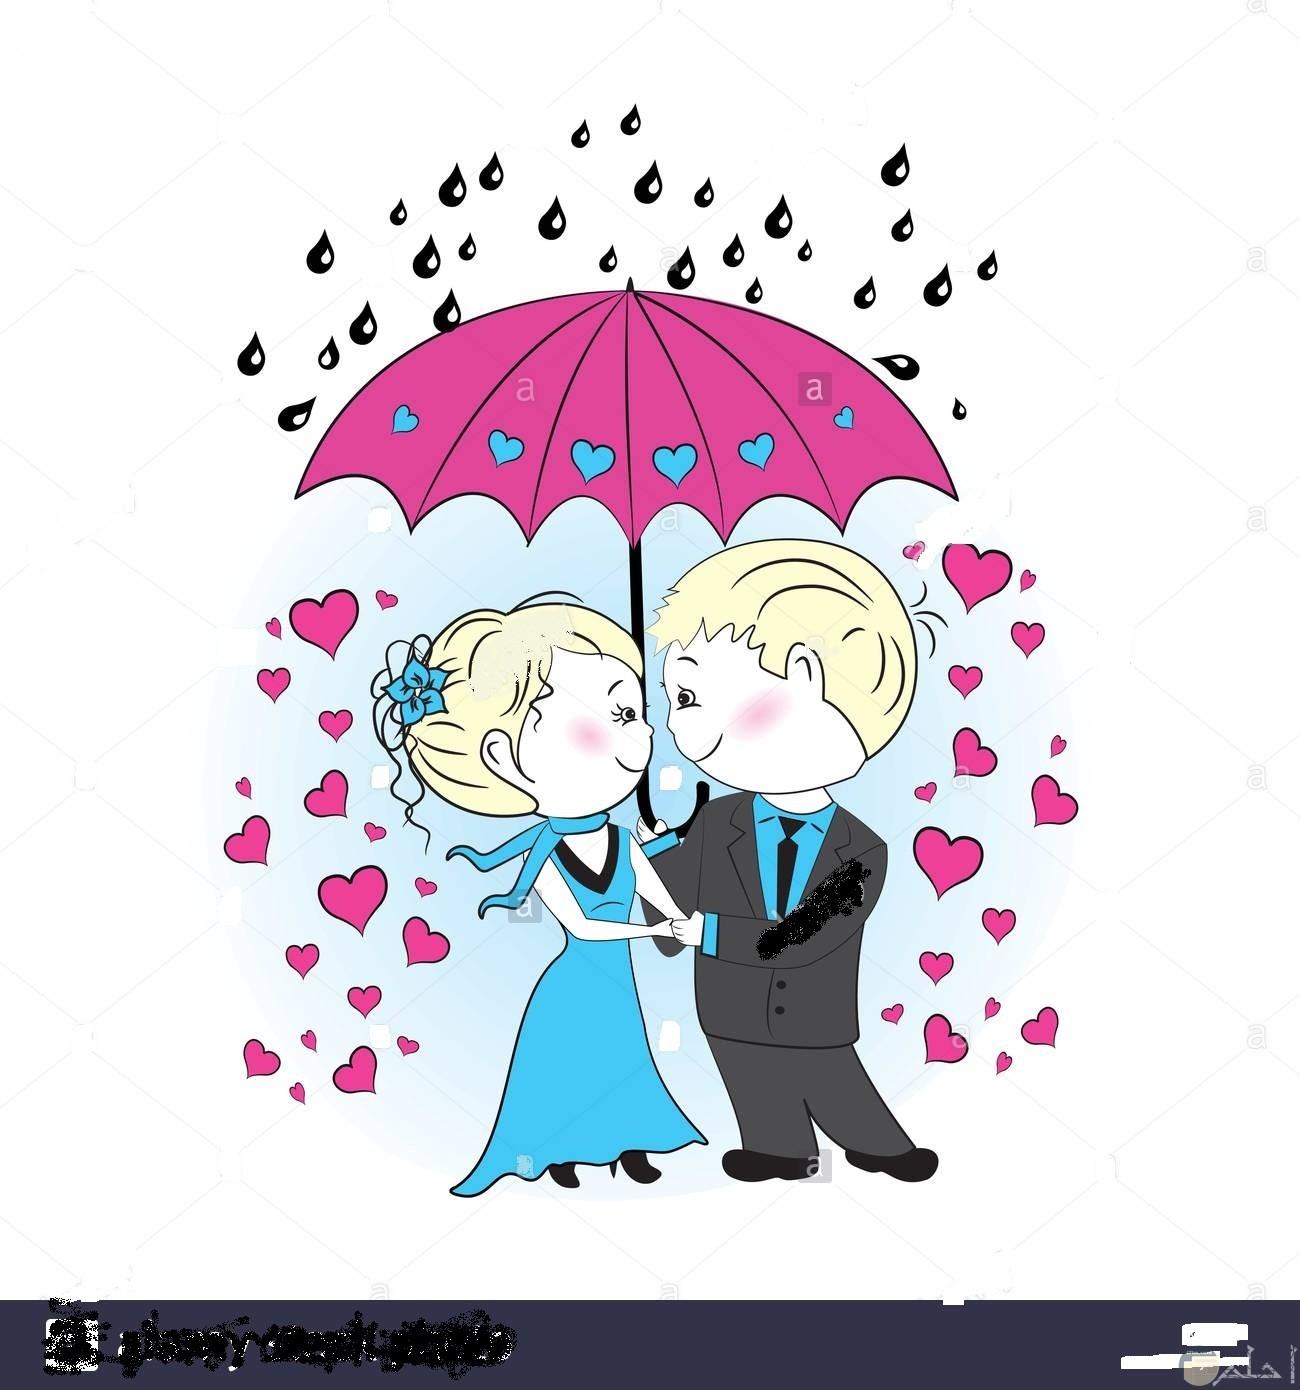 الرومانسية الرائعة تحت المطر.